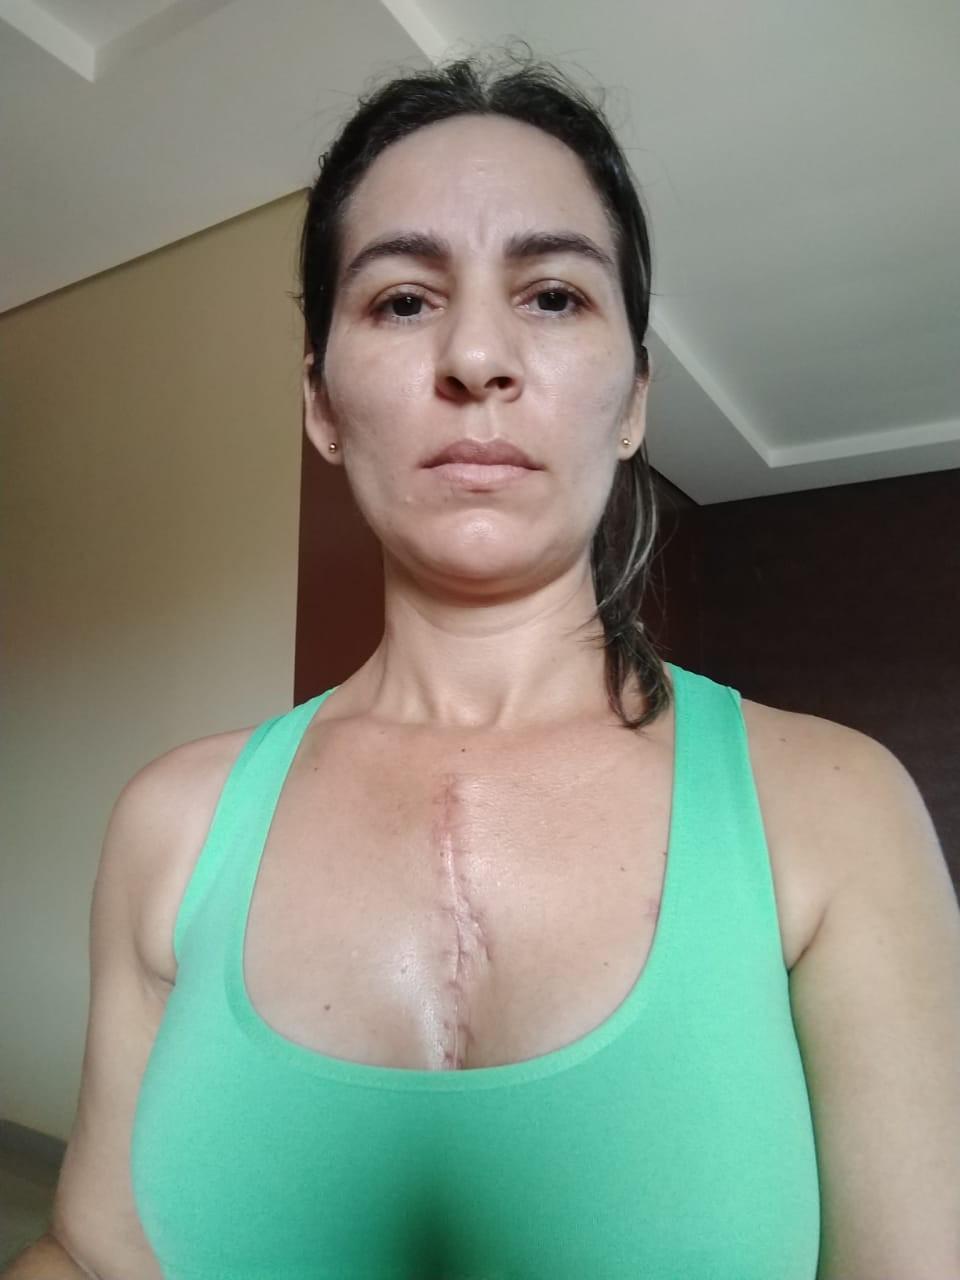 Mulher que levou 13 facadas do marido no AC diz que vivia sob ameaças por conta de ciúmes: 'não podia sair de casa'